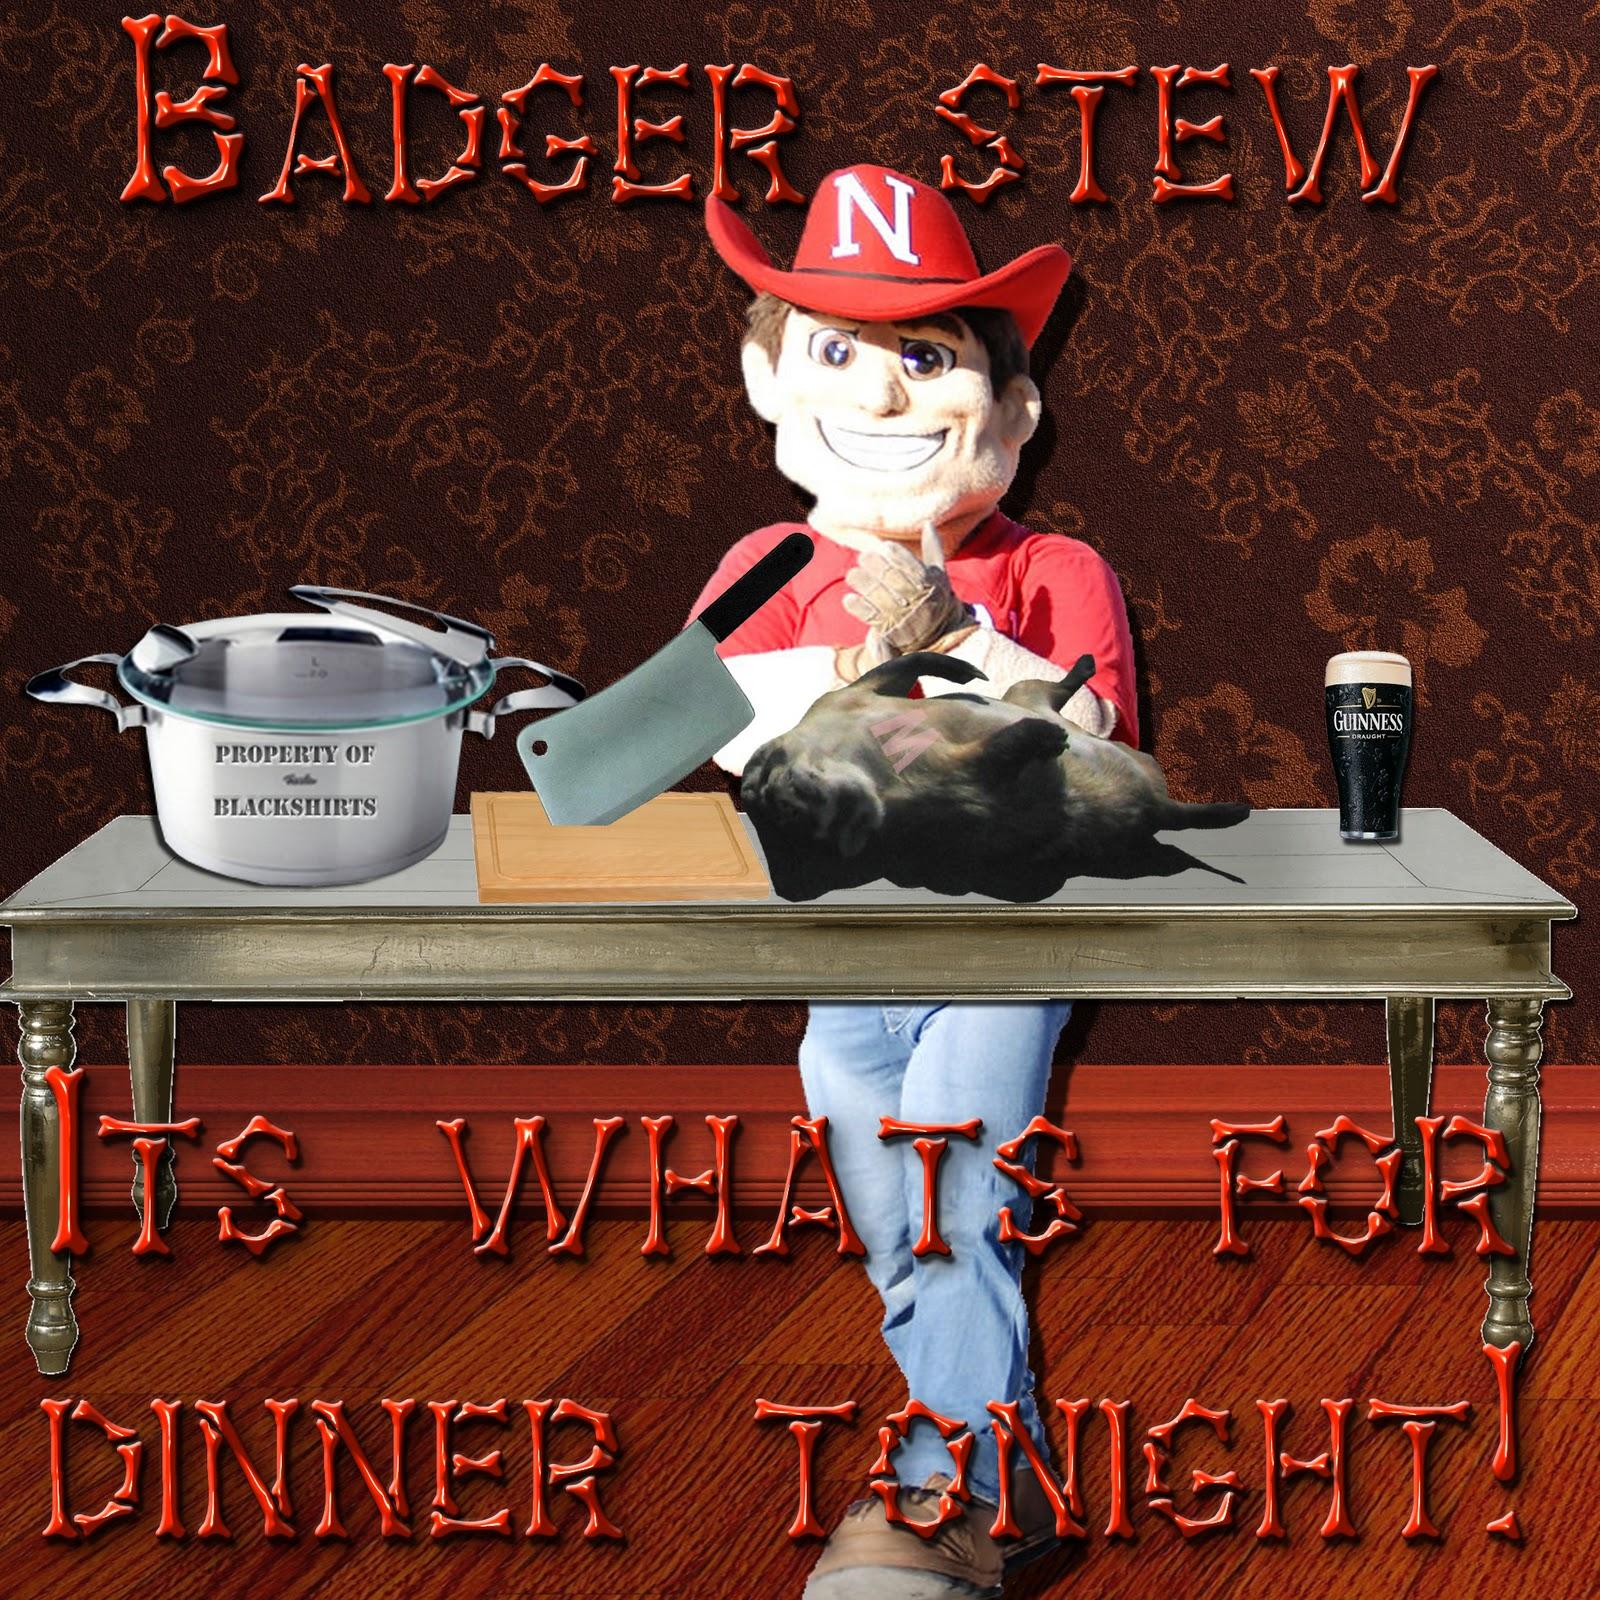 http://3.bp.blogspot.com/-VhUv-1Lu6Ig/ToOOtbZ_fUI/AAAAAAAAAlM/aSc40F3jAeg/s1600/Badger+Stew+Beta.jpg